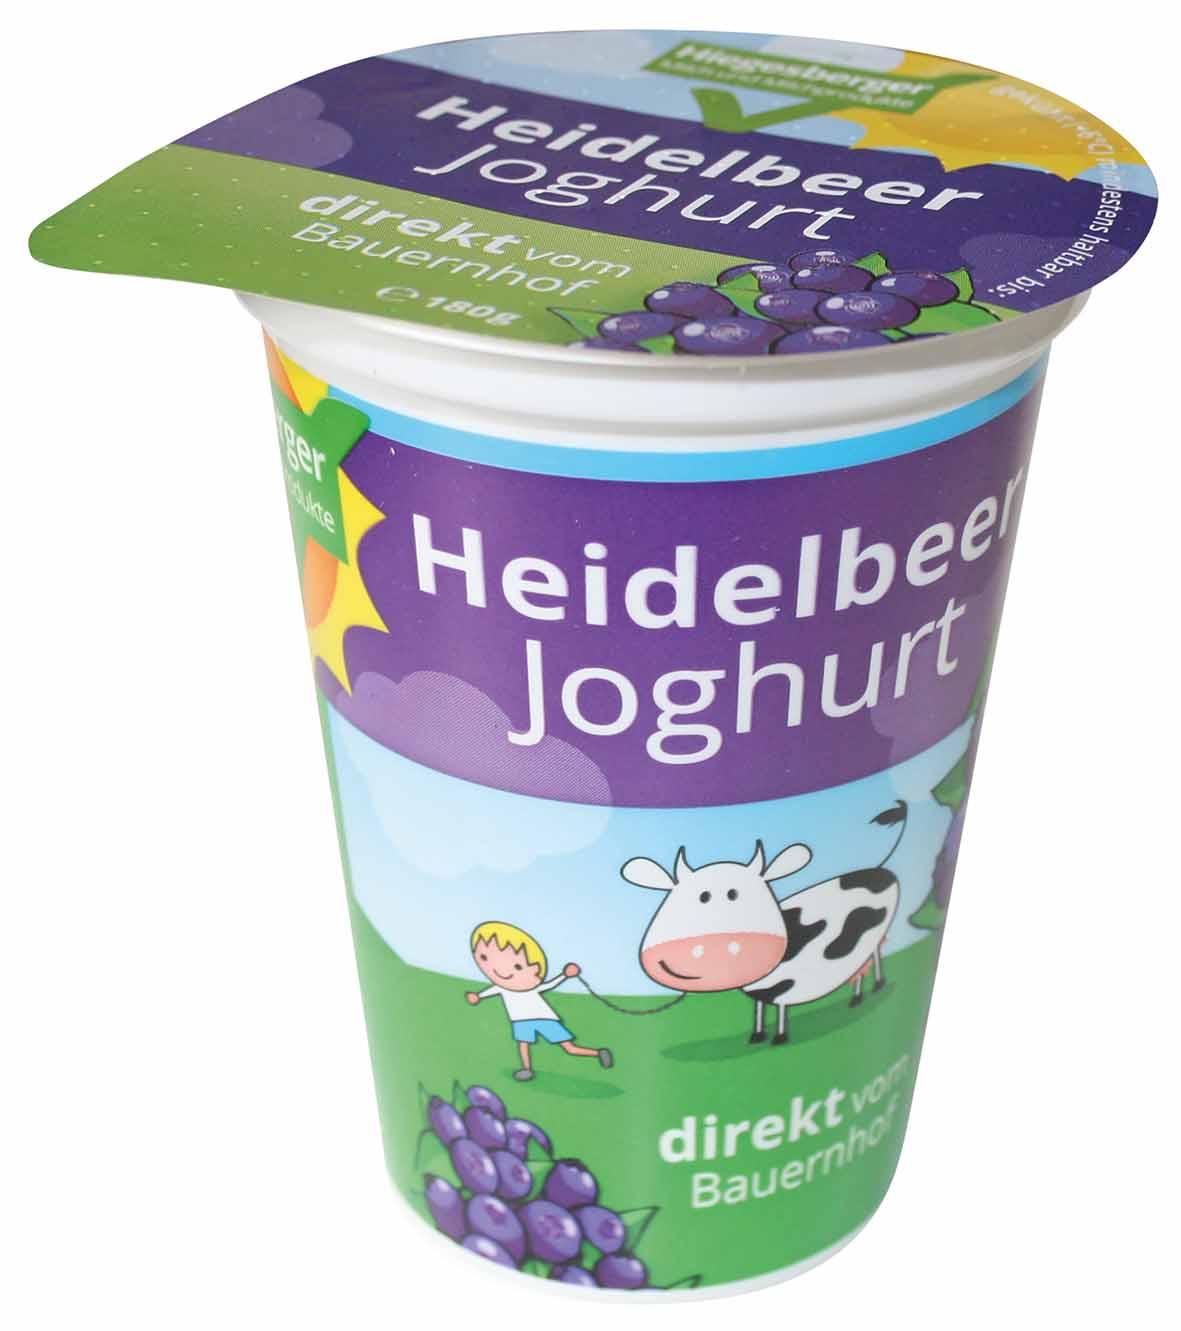 Hiegesberger_Heidelbeerjoghurt_180g